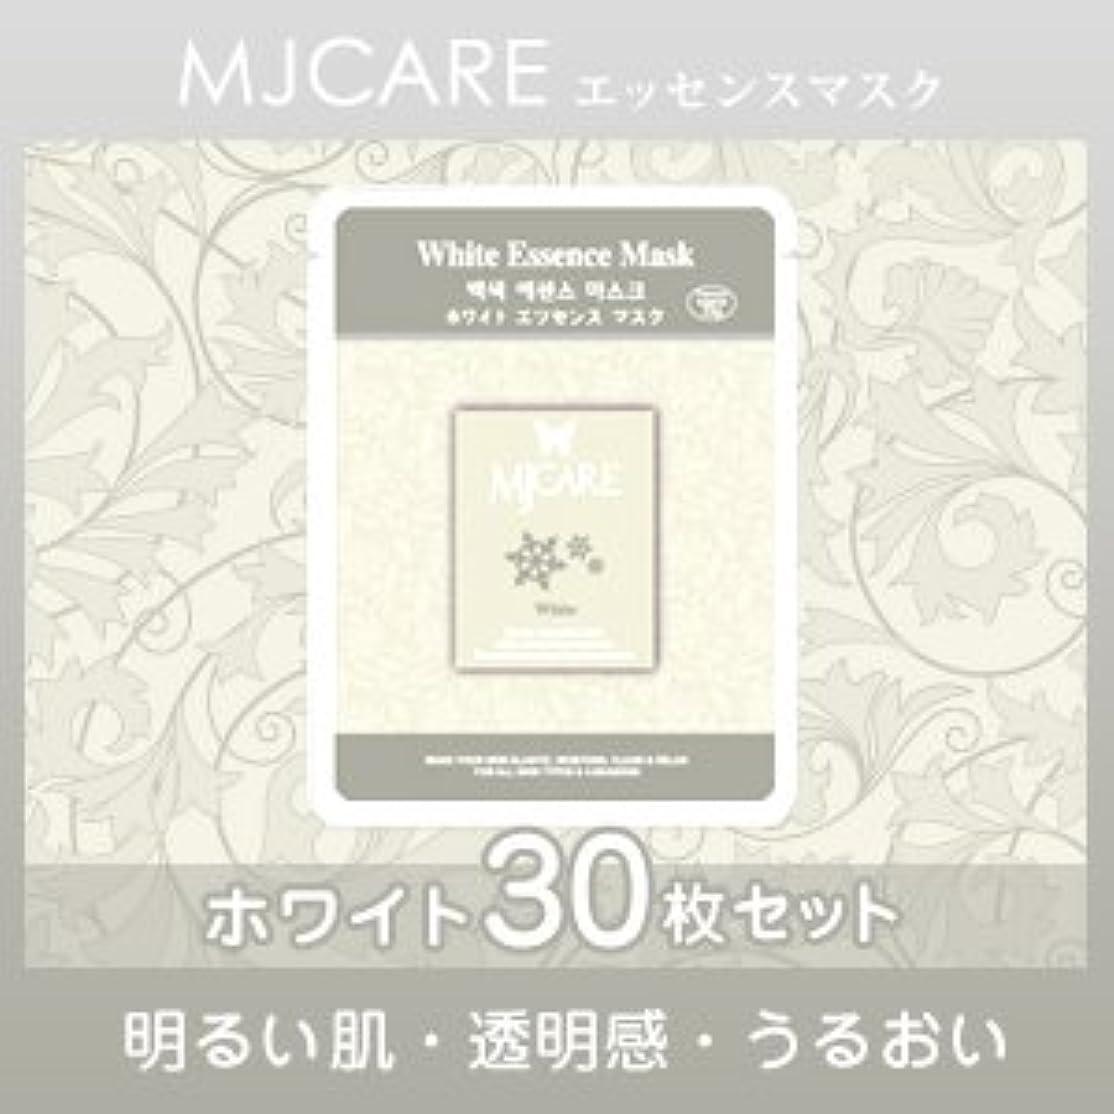 不条理鳥微妙MJCARE (エムジェイケア) ホワイト エッセンスマスク 30セット